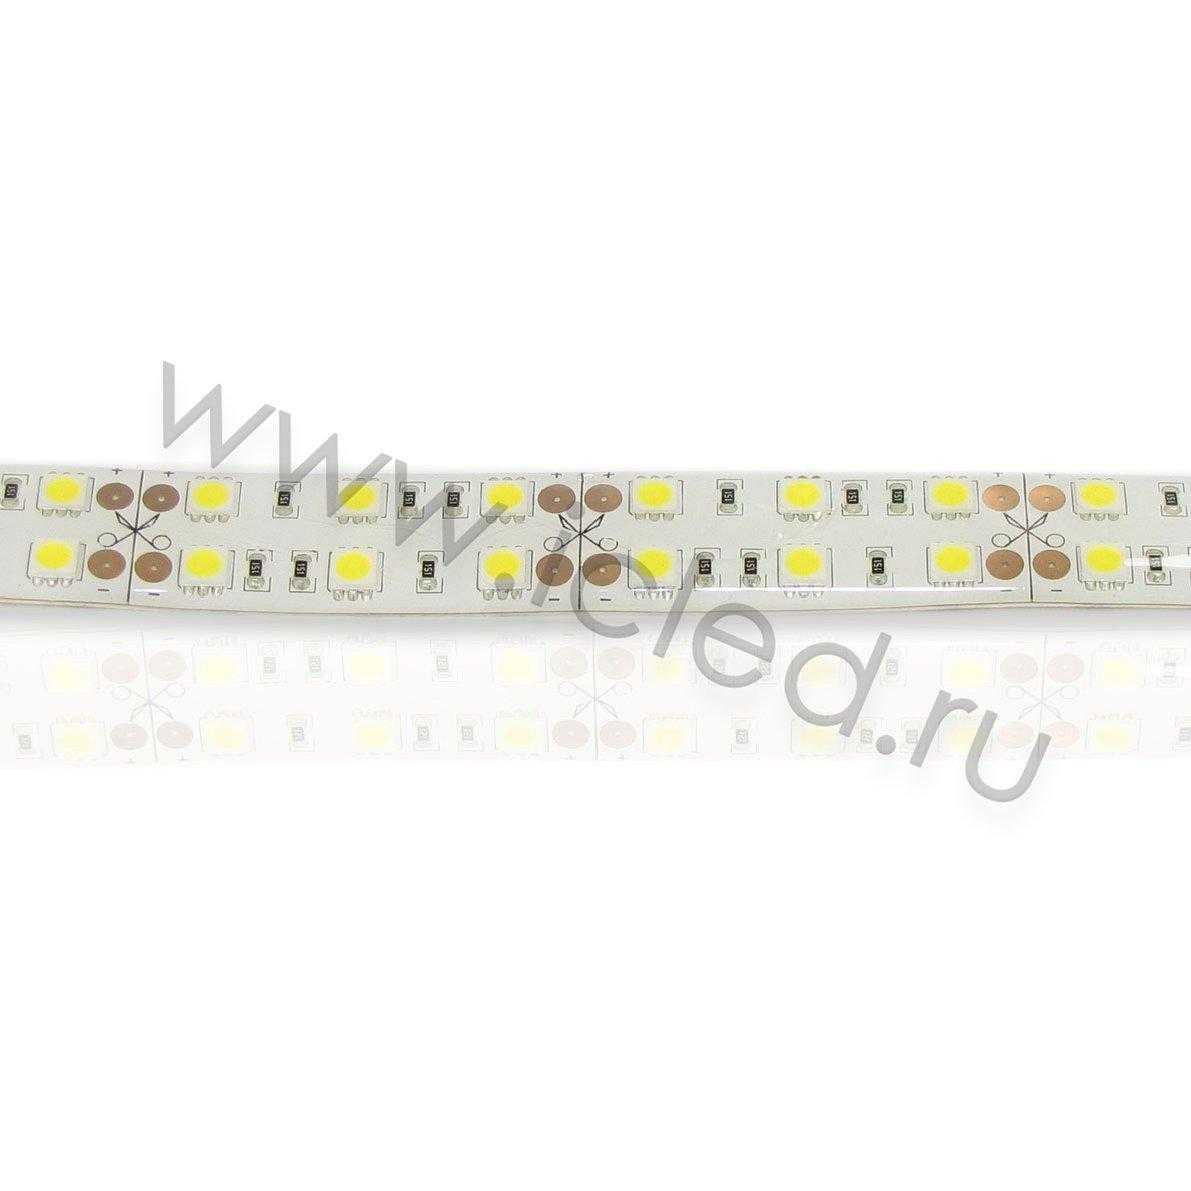 Светодиодная лента Class B, 5050, 120 led/m, Warm White, 24V, IP65